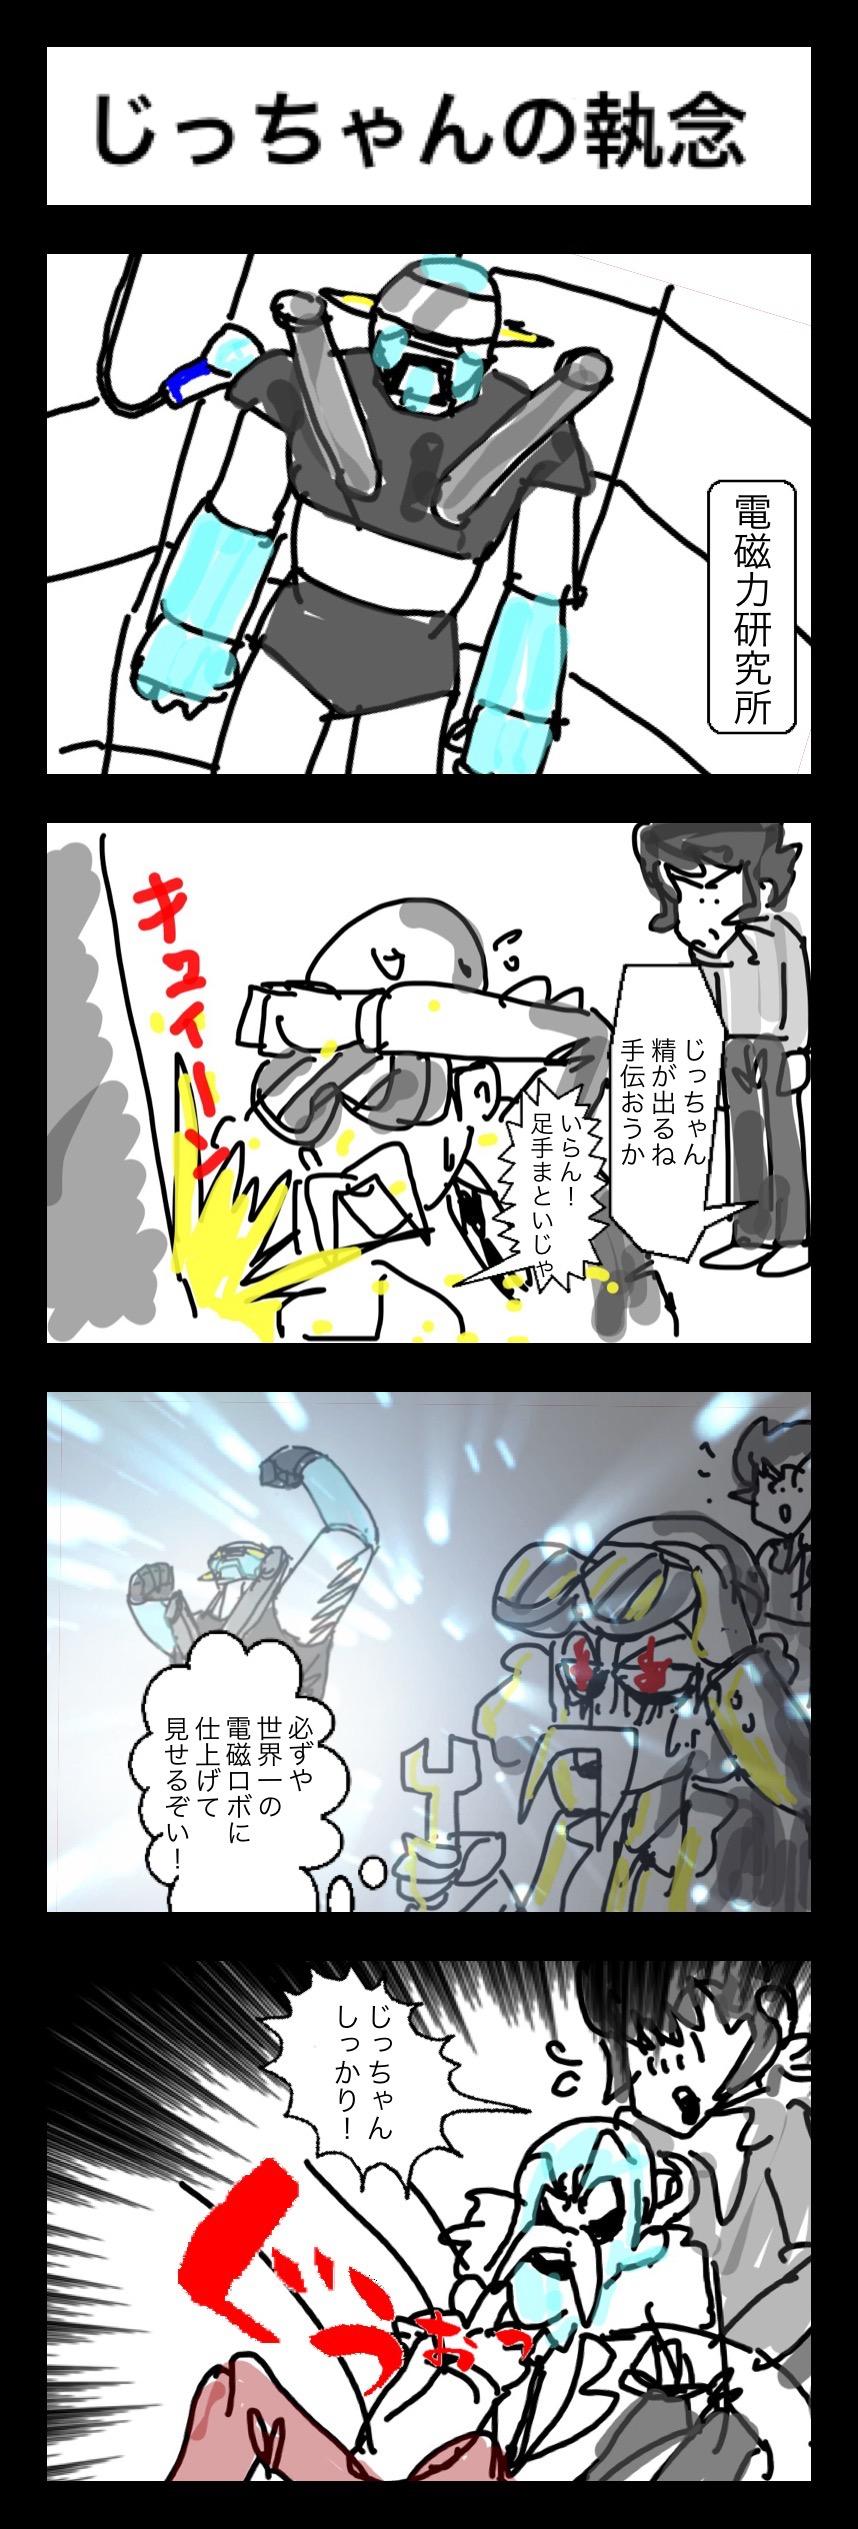 連載4コマ漫画 アトランダーV 第37話